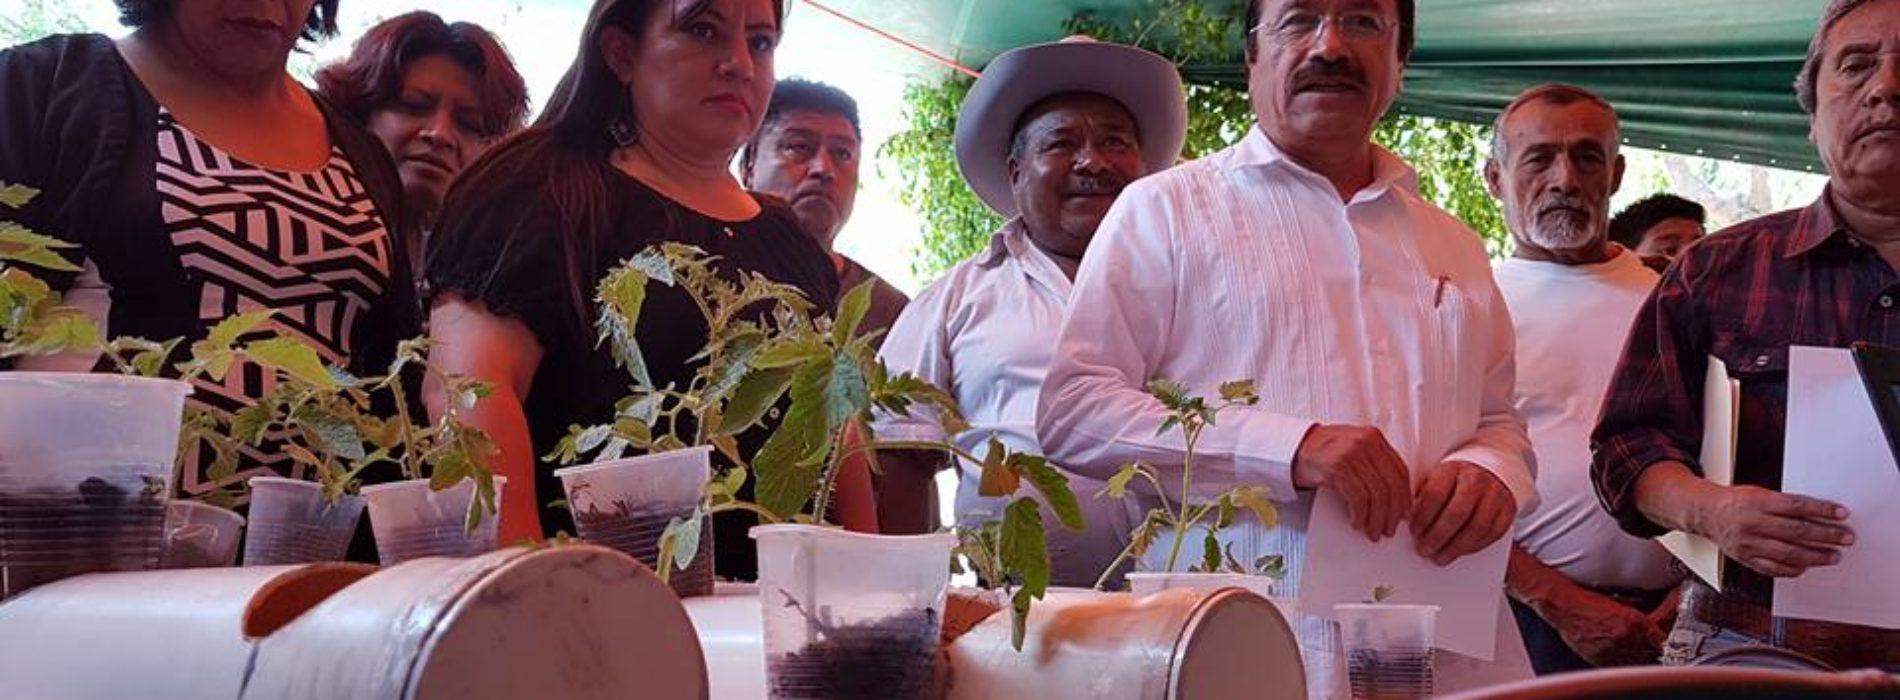 EL PRESIDENTE DE TLACOLULA, DOC. FAUSTO DÍAZ MONTES, INAUGURÓ LA PRIMERA EXPOSICIÓN DE ACOTECNIA.